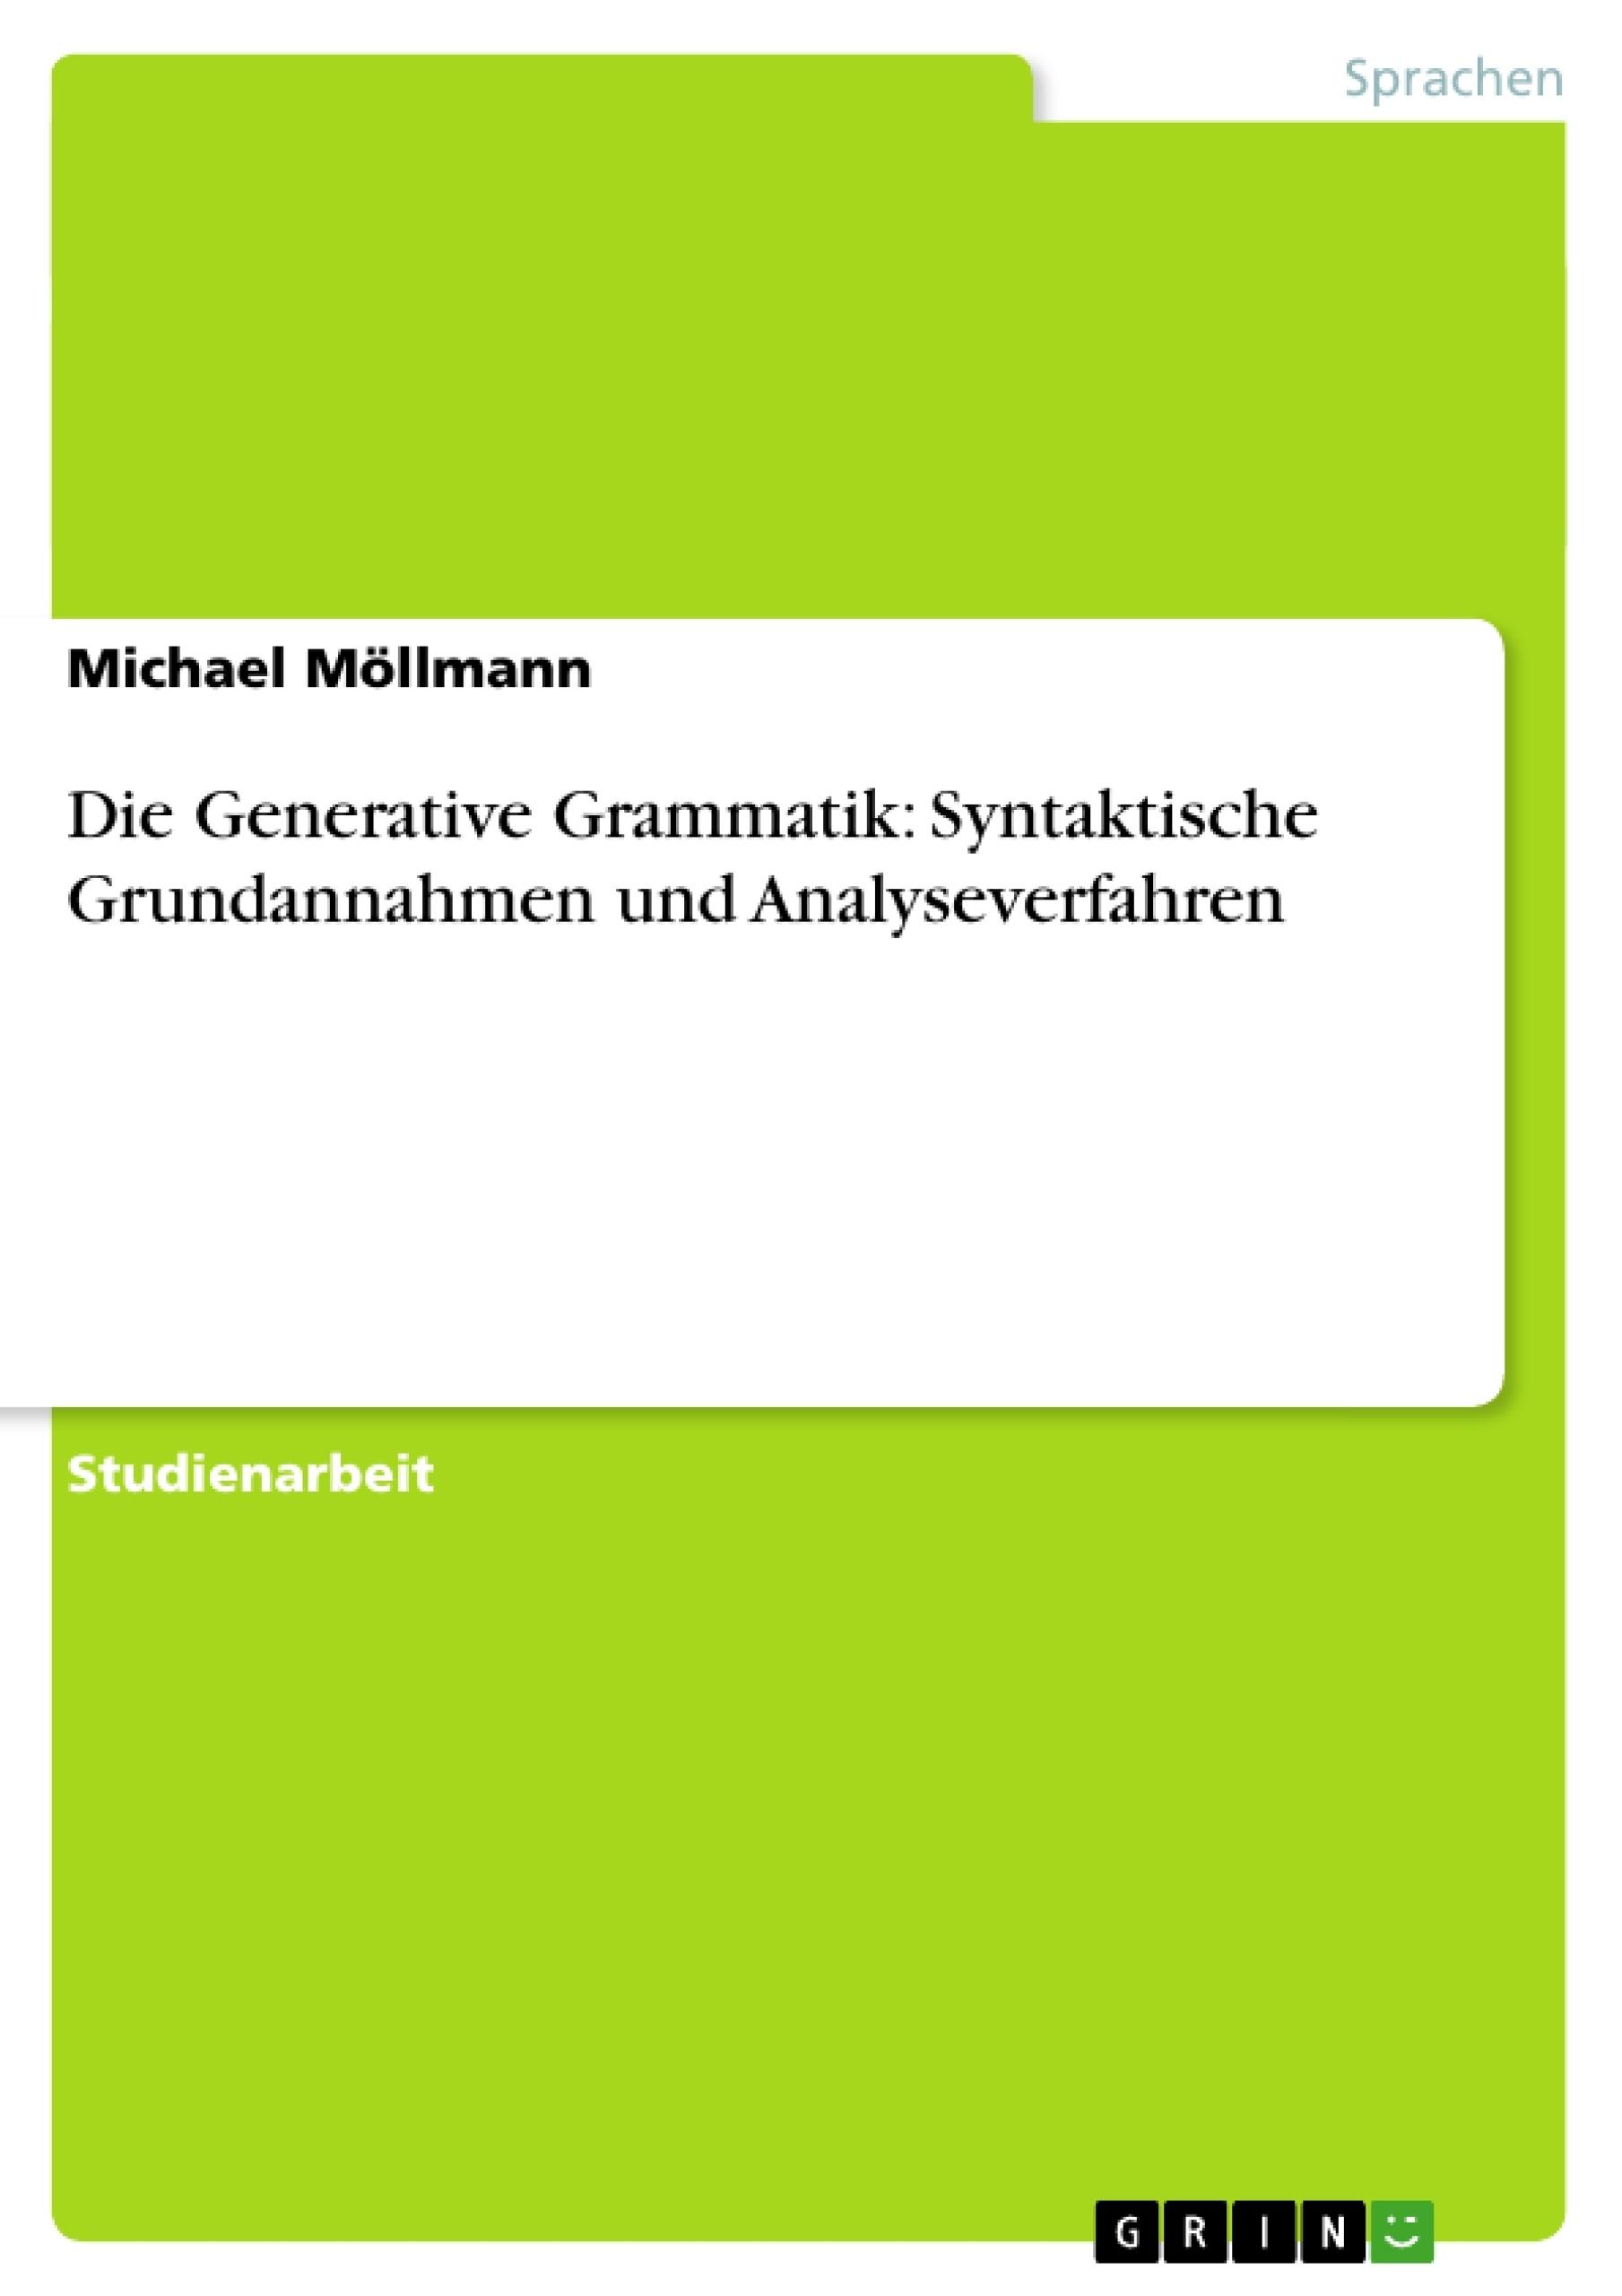 Titel: Die Generative Grammatik: Syntaktische Grundannahmen und Analyseverfahren